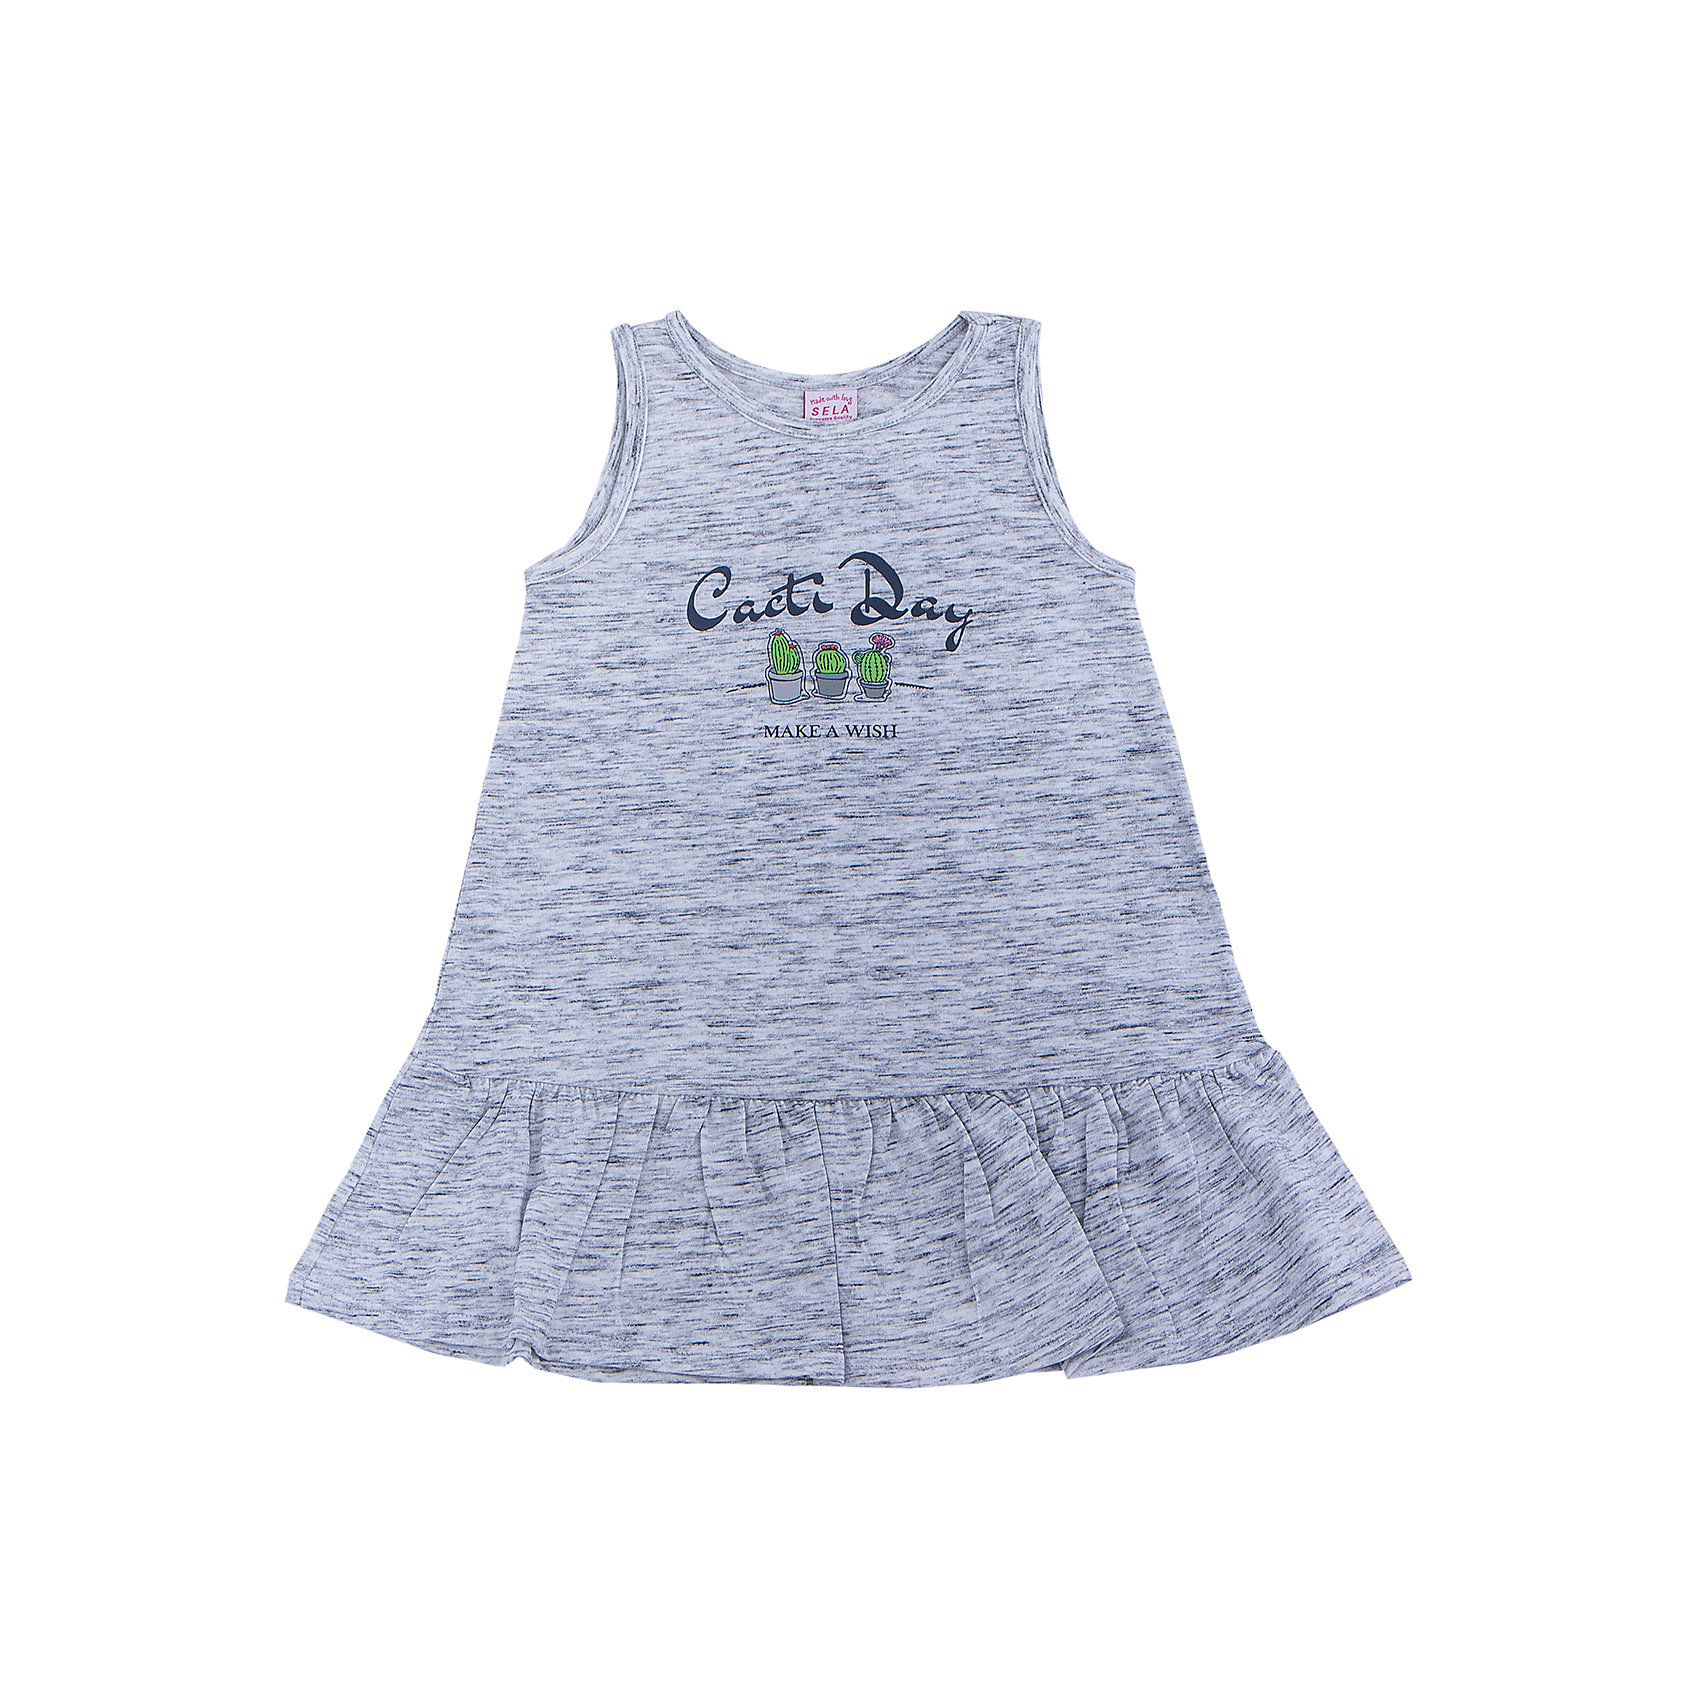 Платье для девочки SELAПлатья и сарафаны<br>Характеристики товара:<br><br>• цвет: светло-серый<br>• сезон: лето<br>• состав: 60% хлопок, 40% ПЭ<br>• силуэт расширенный к низу<br>• длина выше колена<br>• принт<br>• комфортная посадка<br>• страна бренда: Россия<br><br>Платье для девочки поможет разнообразить гардероб ребенка и обеспечить комфорт. Оно отлично сочетается с сандалями или кедами. <br><br>Одежда, обувь и аксессуары от российского бренда SELA не зря пользуются большой популярностью у детей и взрослых! Модели этой марки - стильные и удобные, цена при этом неизменно остается доступной. <br><br>Для их производства используются только безопасные, качественные материалы и фурнитура. Новая коллекция поддерживает хорошие традиции бренда! <br><br>Платье для девочки от популярного бренда SELA (СЕЛА) можно купить в нашем интернет-магазине.<br><br>Ширина мм: 236<br>Глубина мм: 16<br>Высота мм: 184<br>Вес г: 177<br>Цвет: серый<br>Возраст от месяцев: 24<br>Возраст до месяцев: 36<br>Пол: Женский<br>Возраст: Детский<br>Размер: 98,116,110,104<br>SKU: 5305406